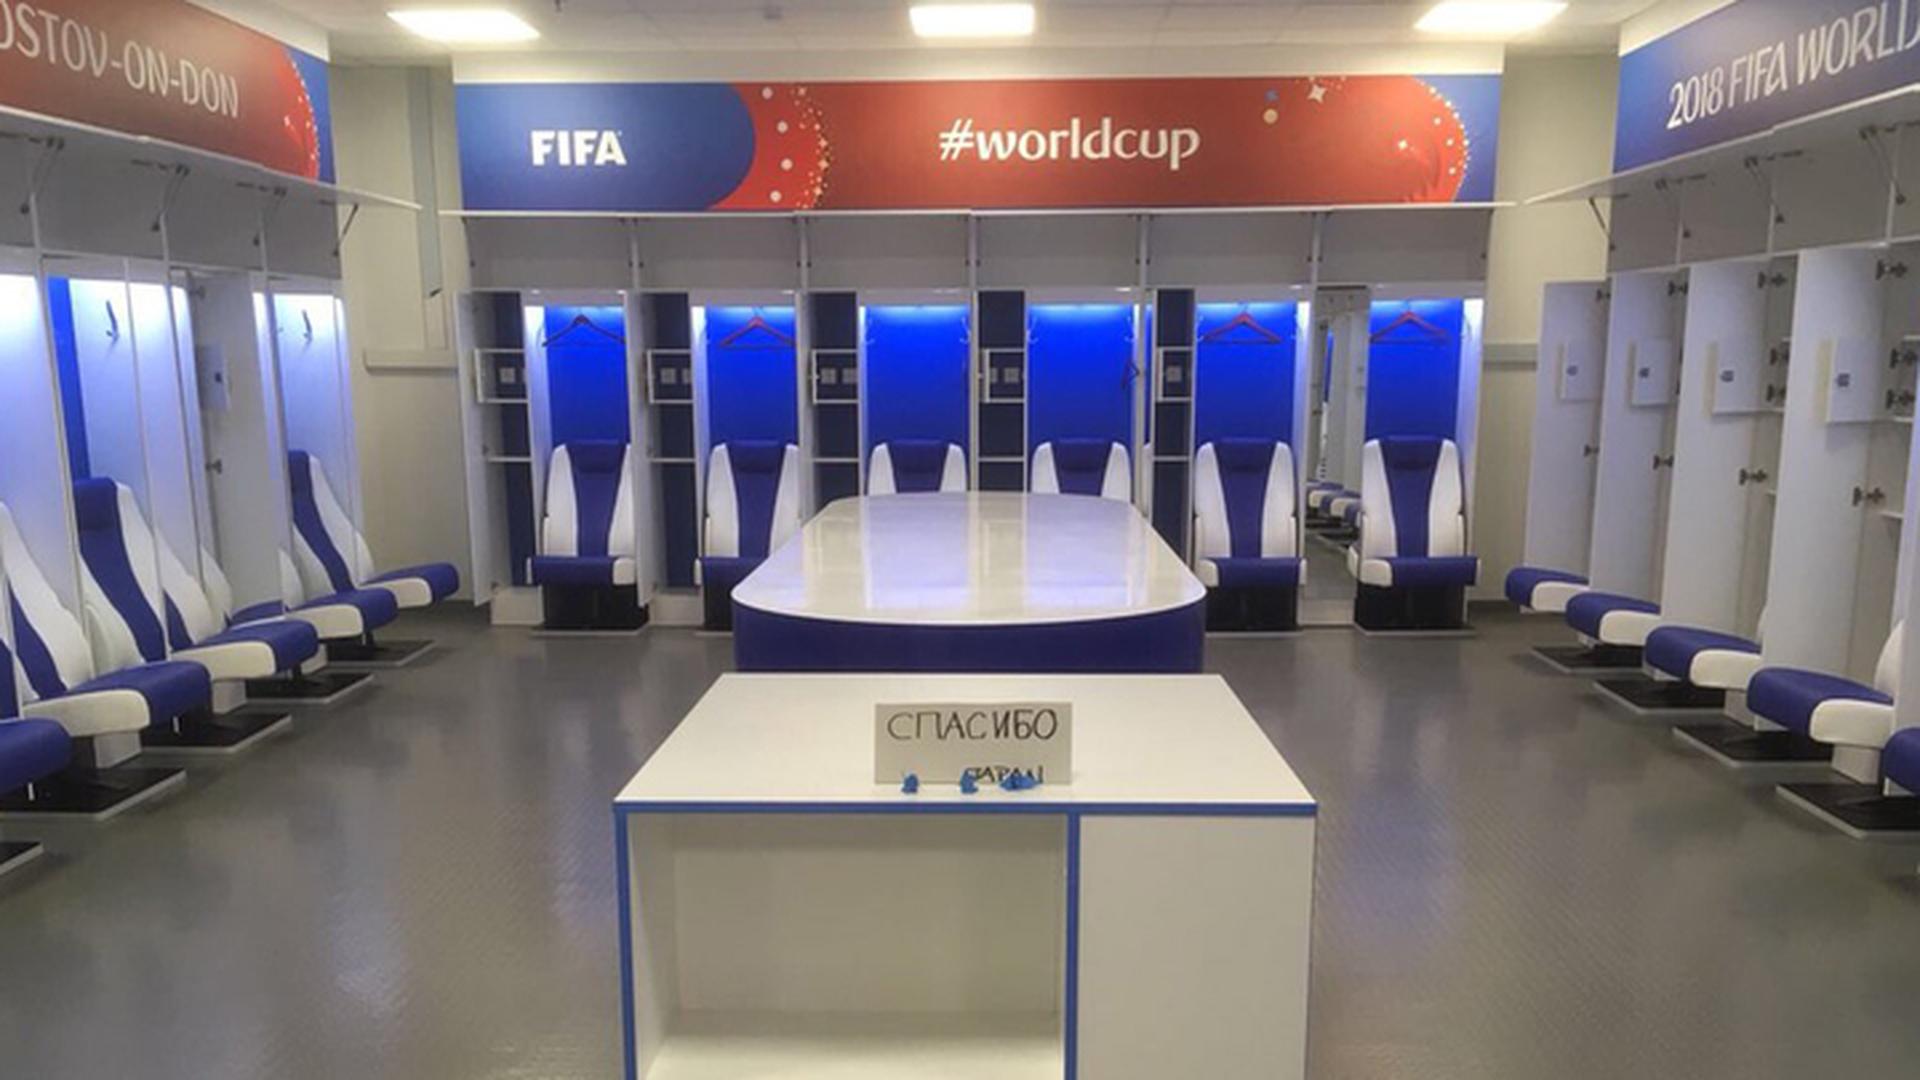 Японские футболисты убрались в раздевалке и поблагодарили россиян за гостеприимство